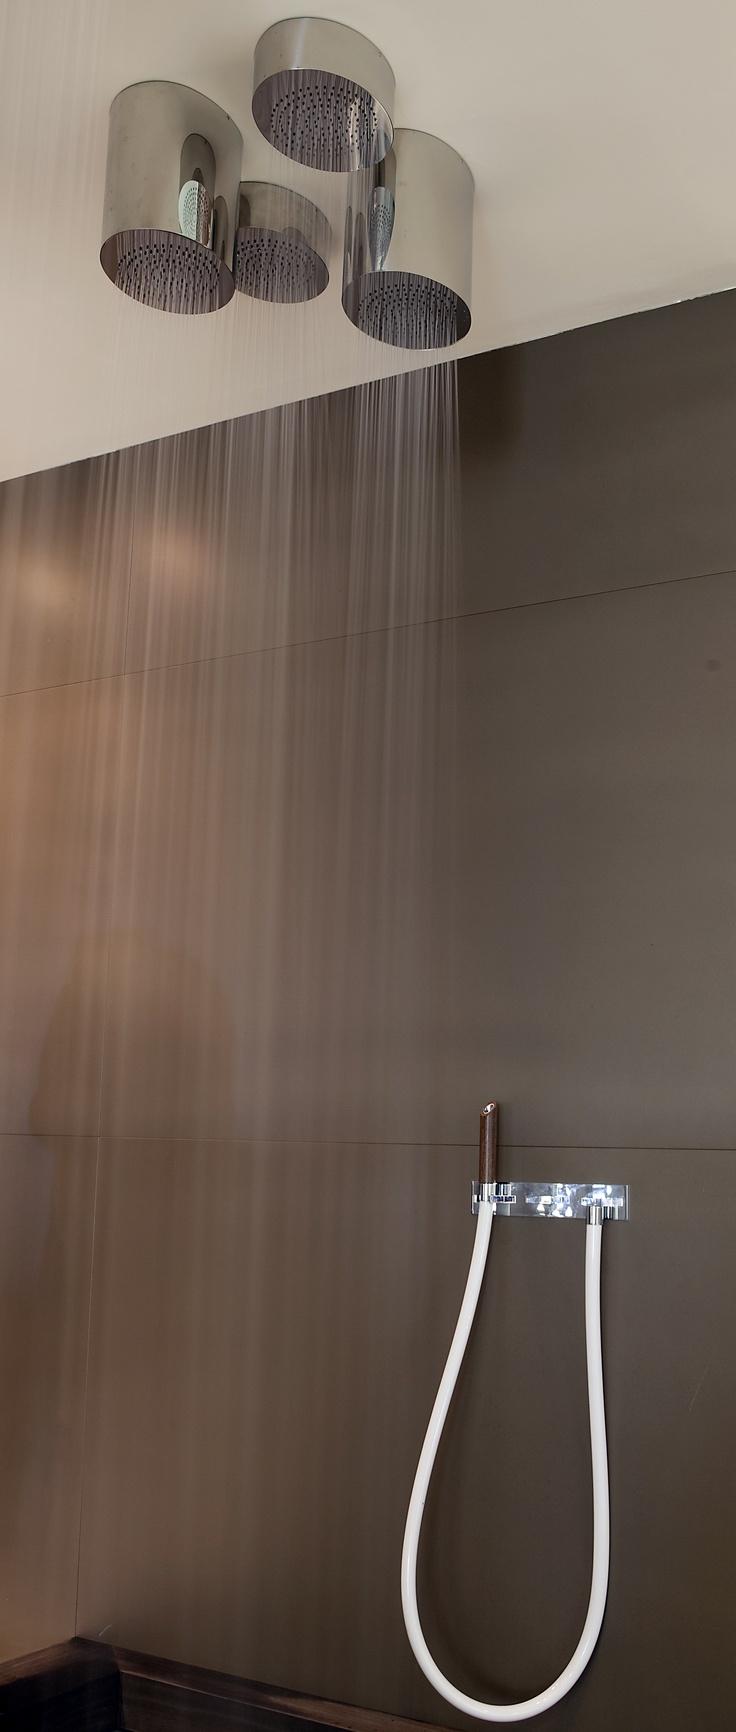 99 best badkamer idee images on pinterest bathroom ideas room